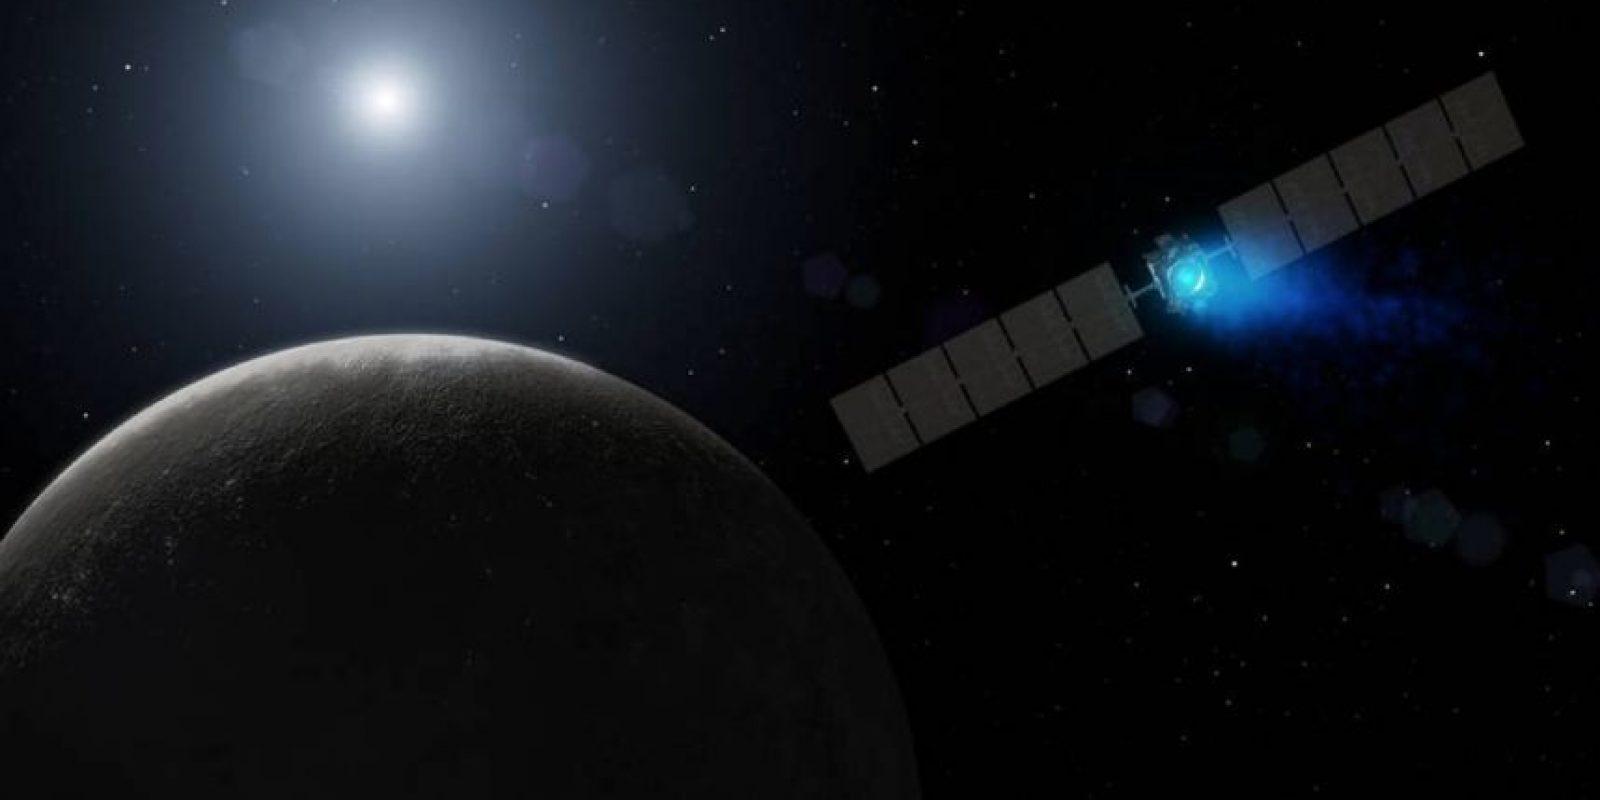 """2012 TC4- Se prevé que pase cerca de la Tierra en 2017. Según la revista """"Muy Interesante"""", se estima que mide de 12 y 40 metros de diámetro (39 a 131 pies). Foto:Vía nasa.gov"""